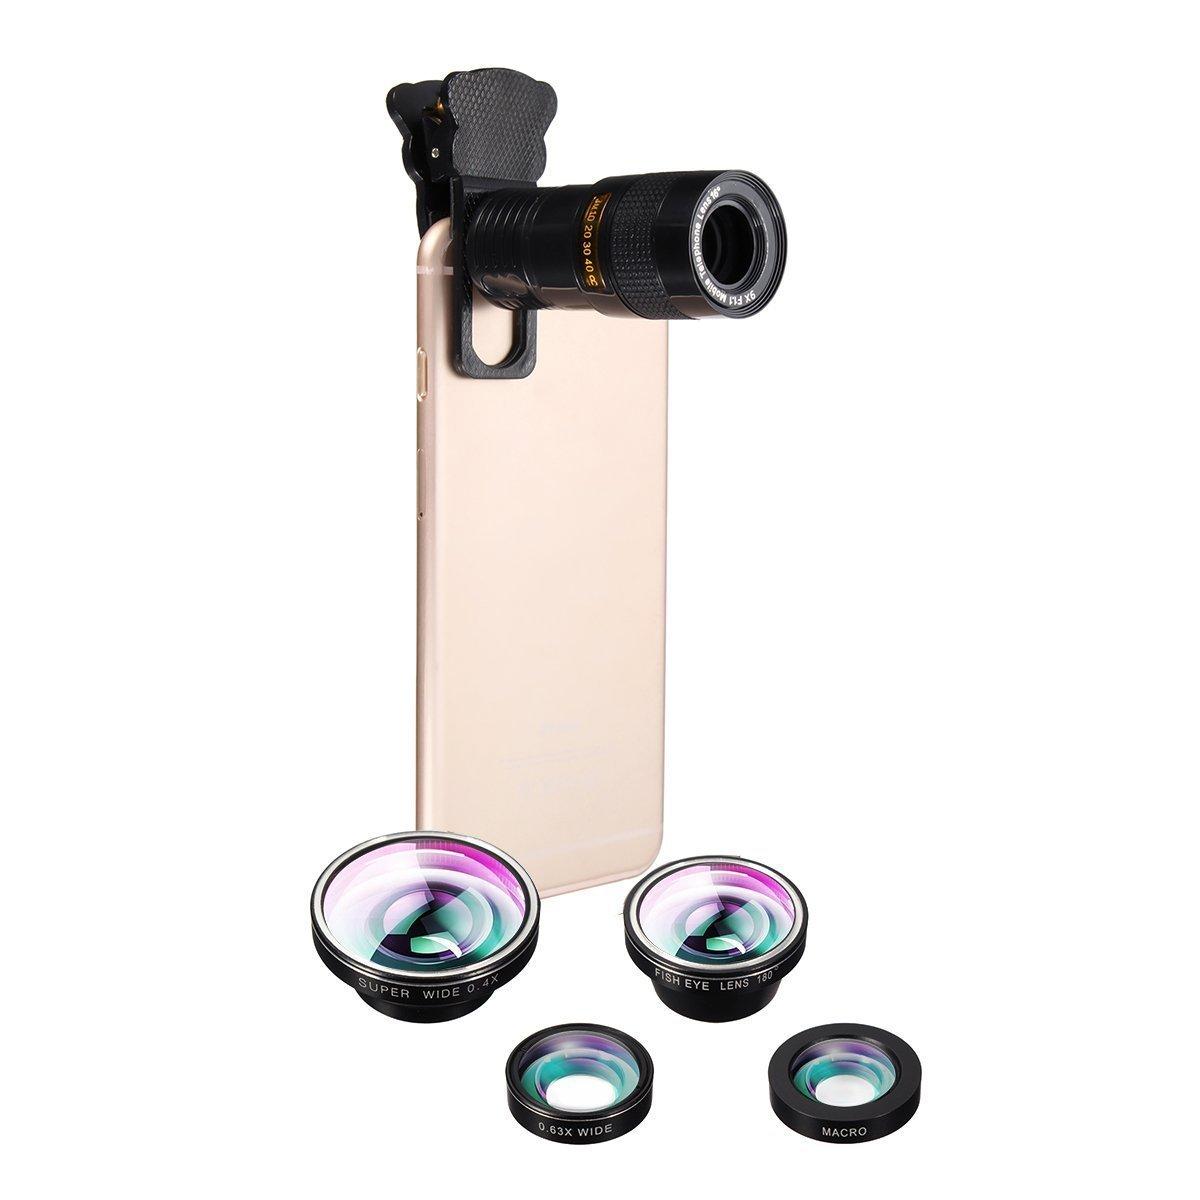 ... la lentille fisheye avec un angle de 180° permet de prendre des clichés  avec une amplification de 0,28X et la lentille pour les Macro utilise une  ... 8cf21b436086